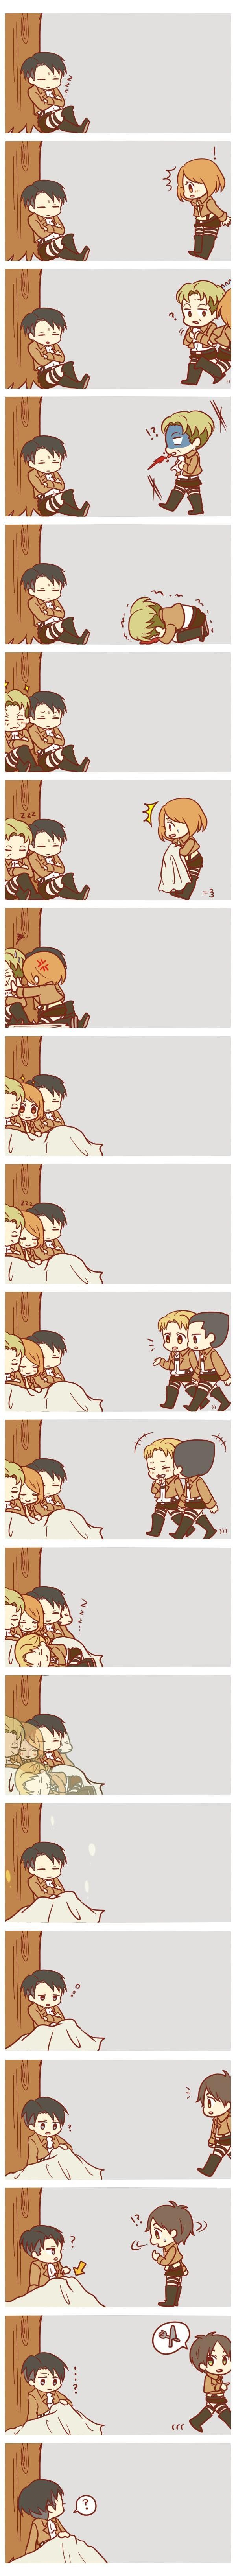 """At first I was like """"Aaaw, so cute!!"""" Then when I got to the end I was like """"NOOOOO WHY U GOTTA HURT ME LIKE THAT?!"""""""